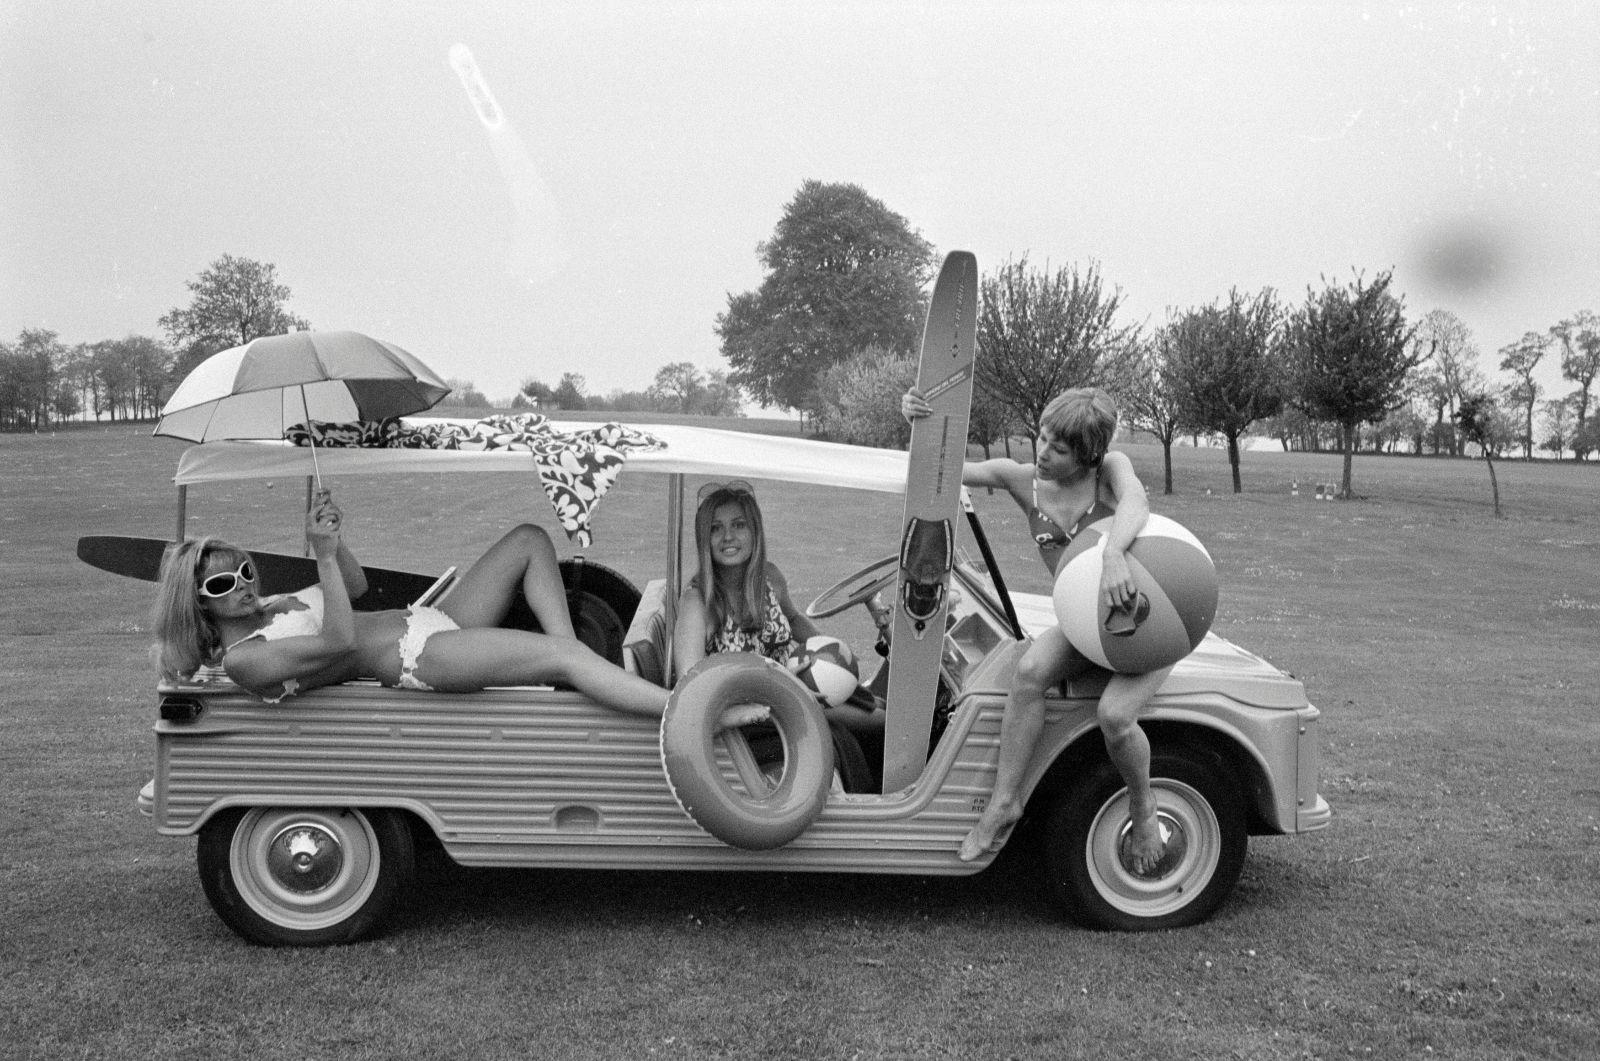 presentazione-mehari-deauville-16-maggio-1968-foto-11